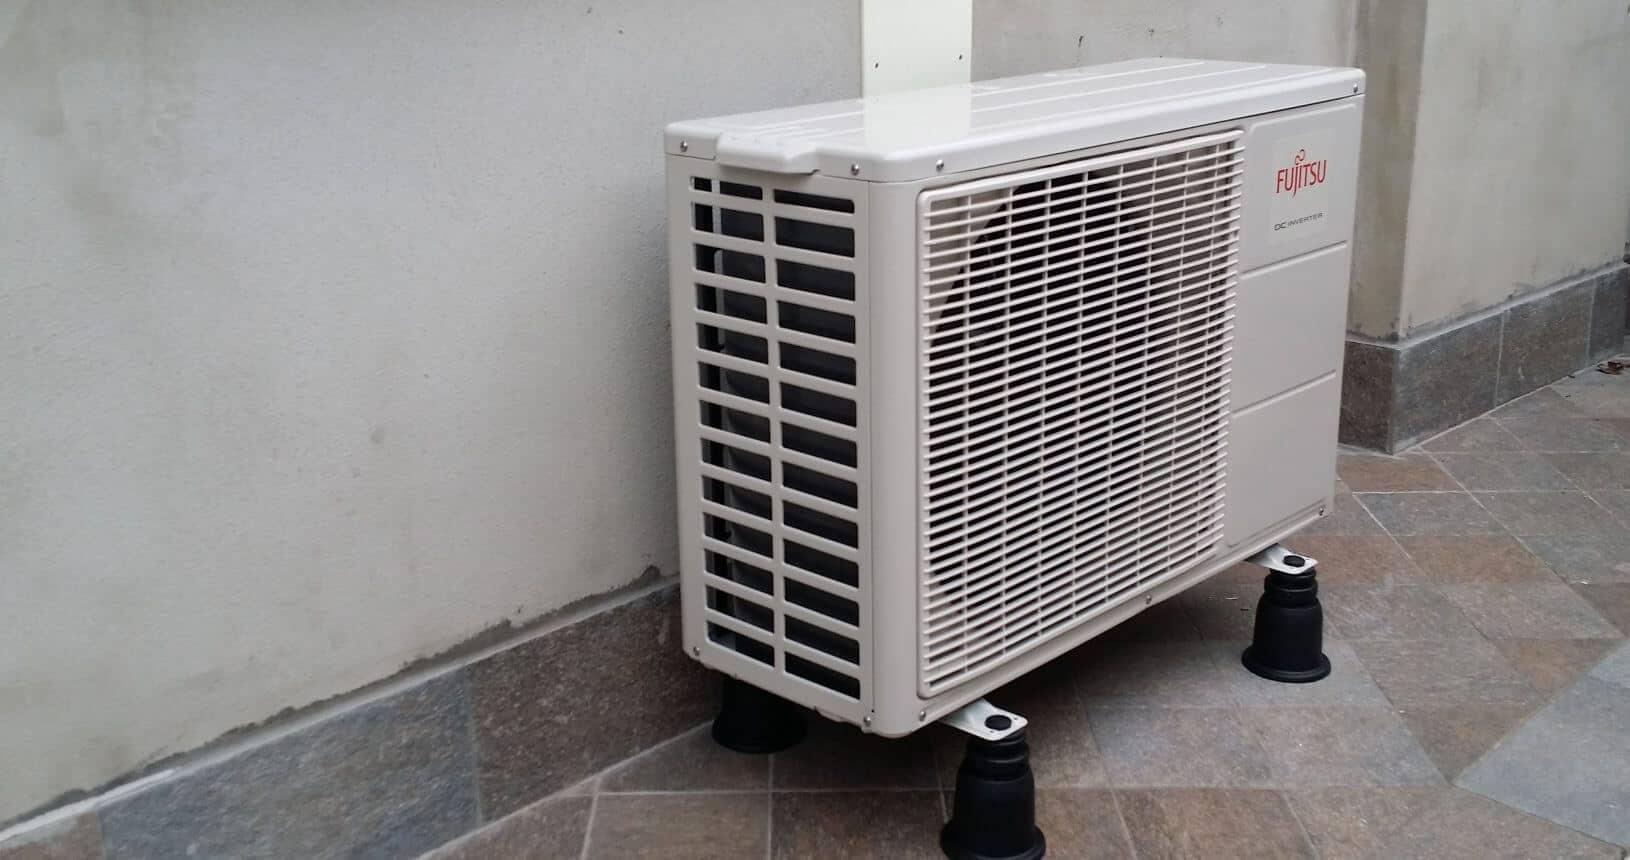 climatizzatore-fujitsu-unita-esterna-serie-luca